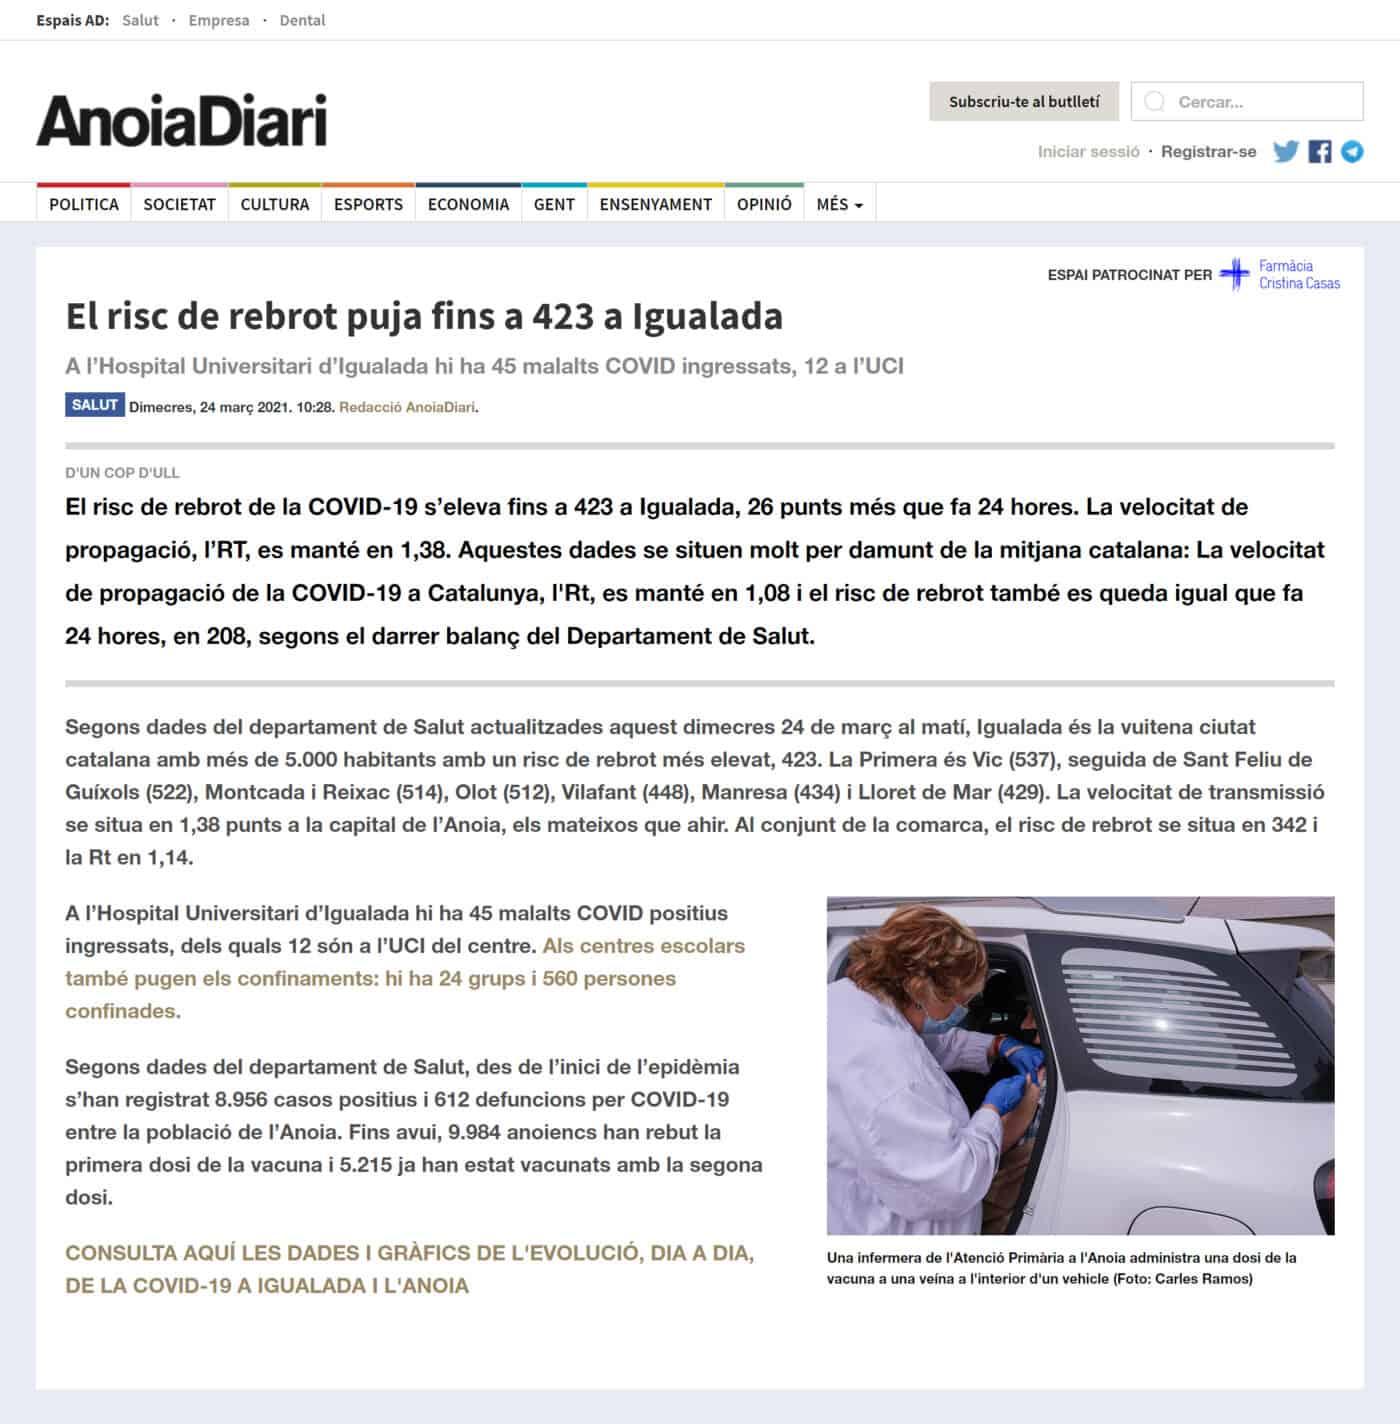 210324 - Anoiadiari - El risc de rebrot puja fins a 423 a Igualada